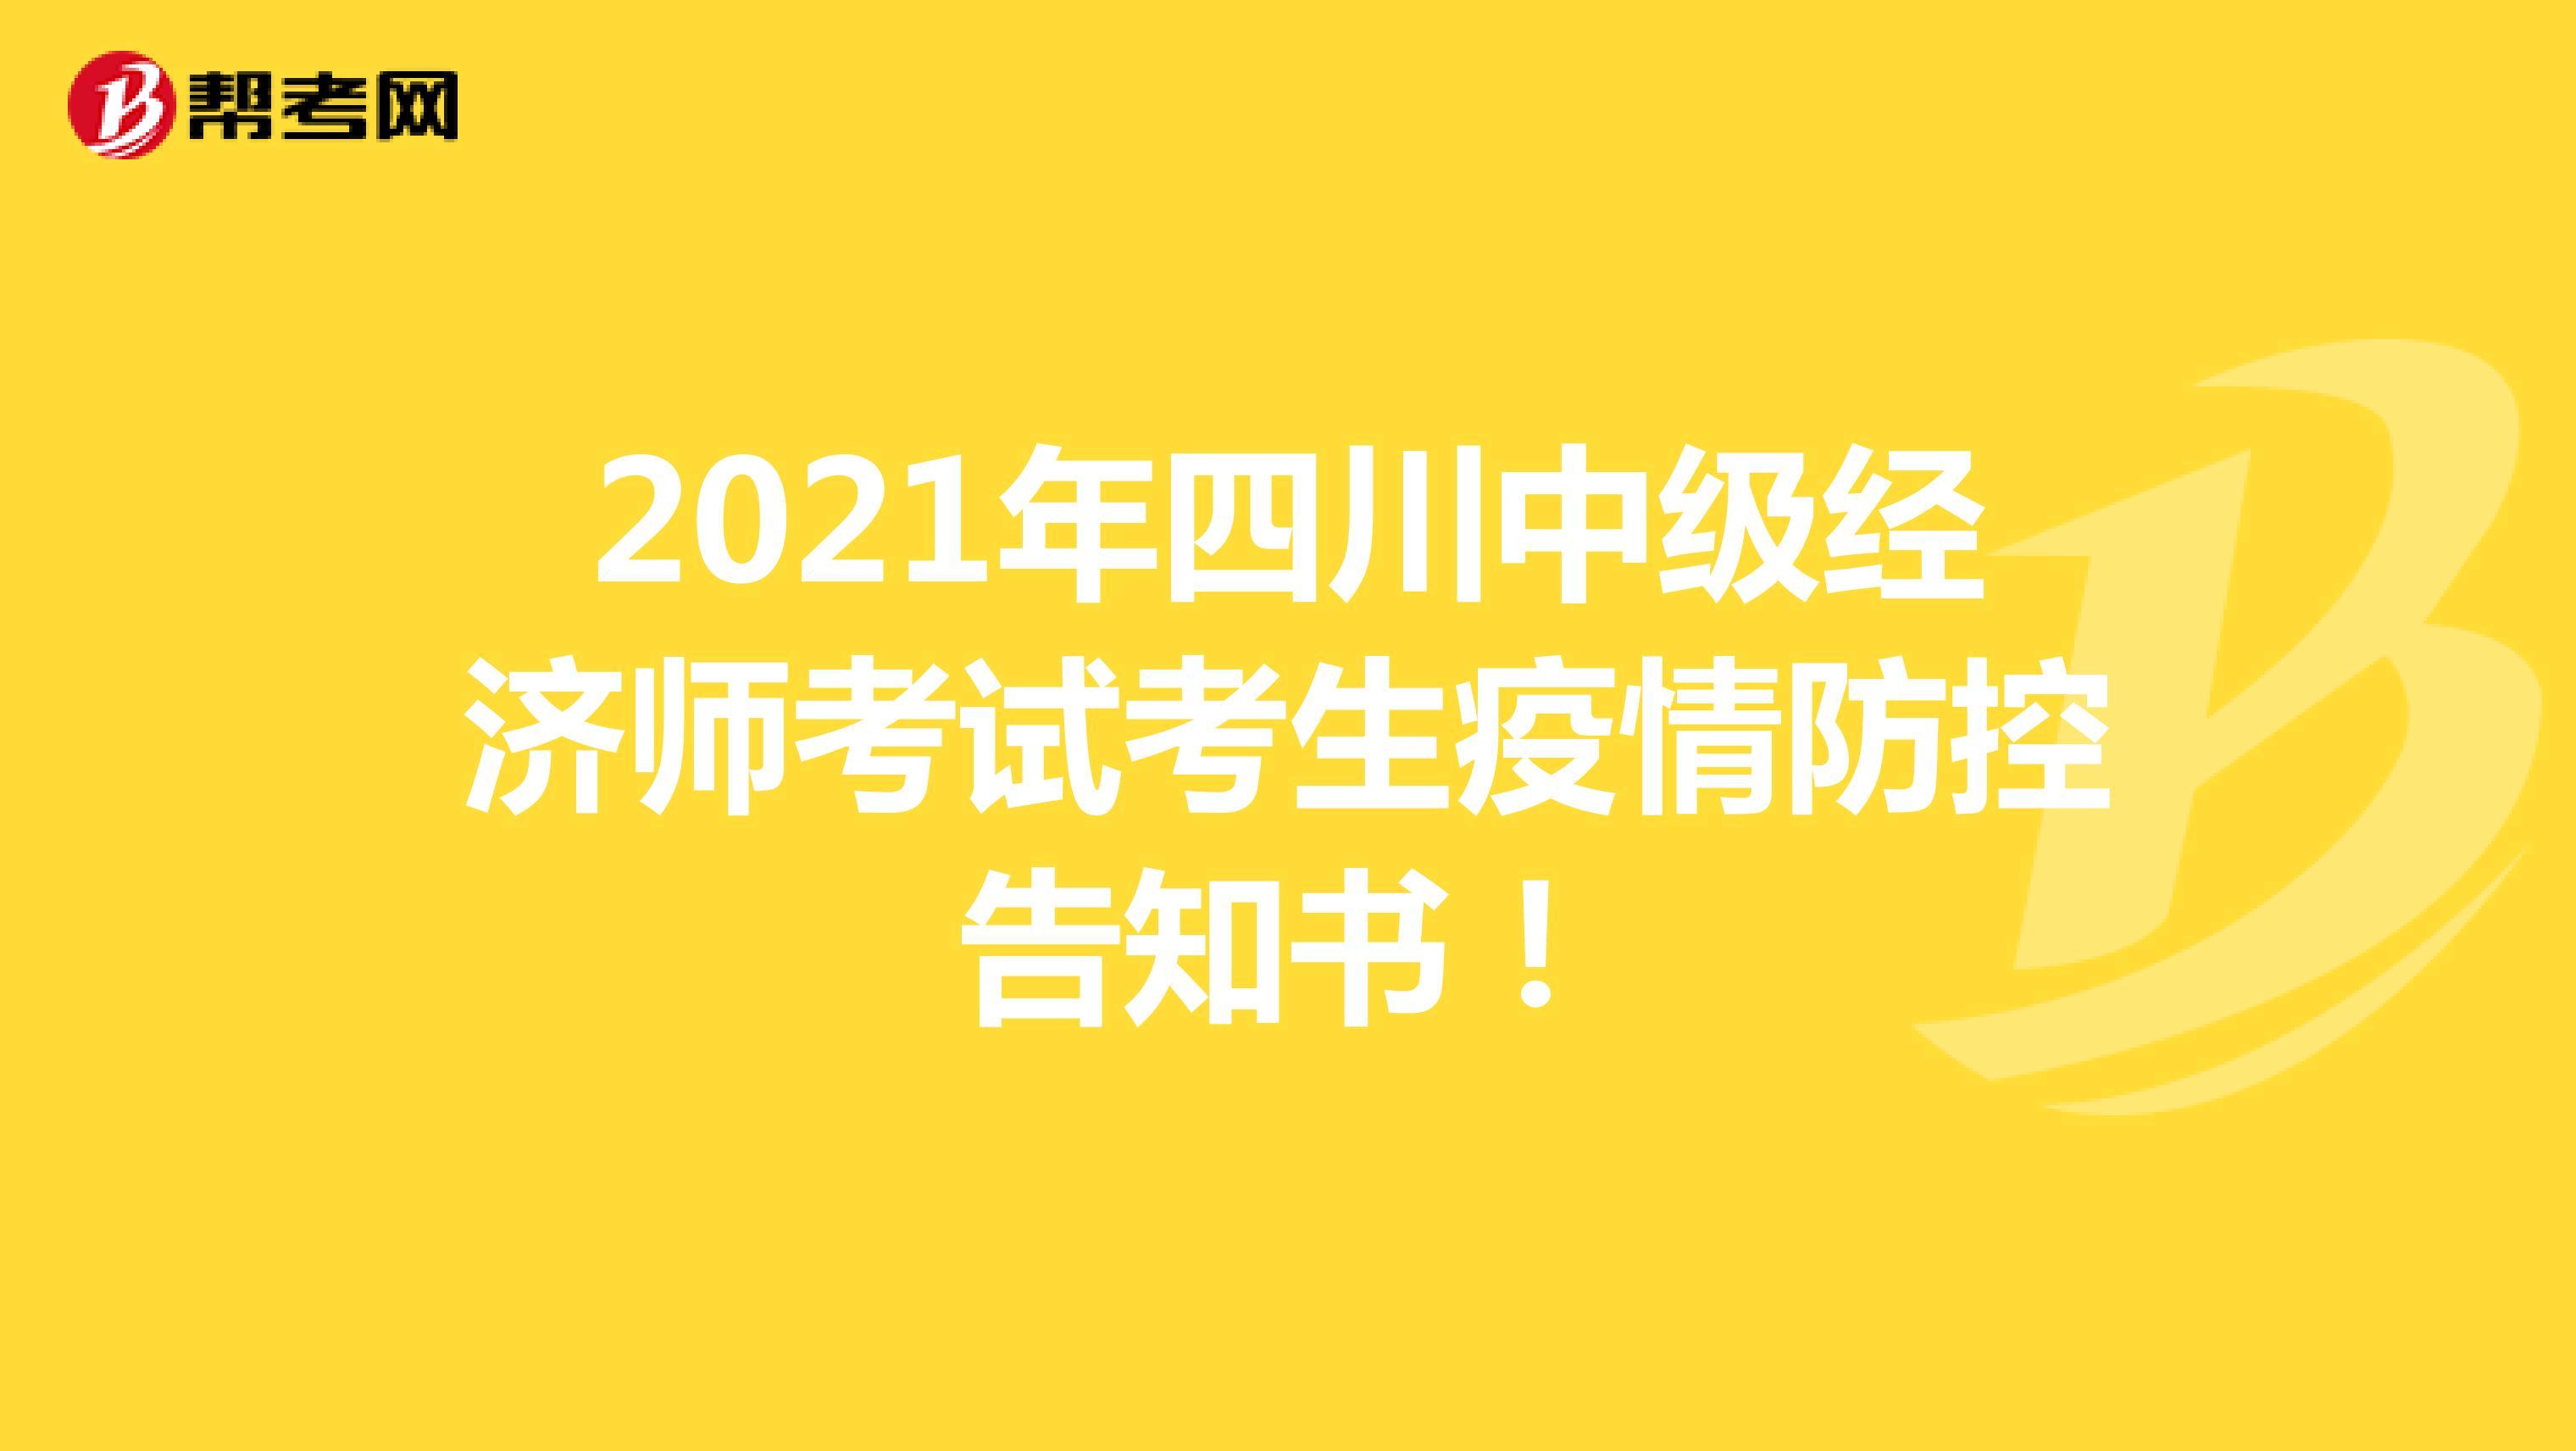 2021年四川中级经济师考试考生疫情防控告知书!